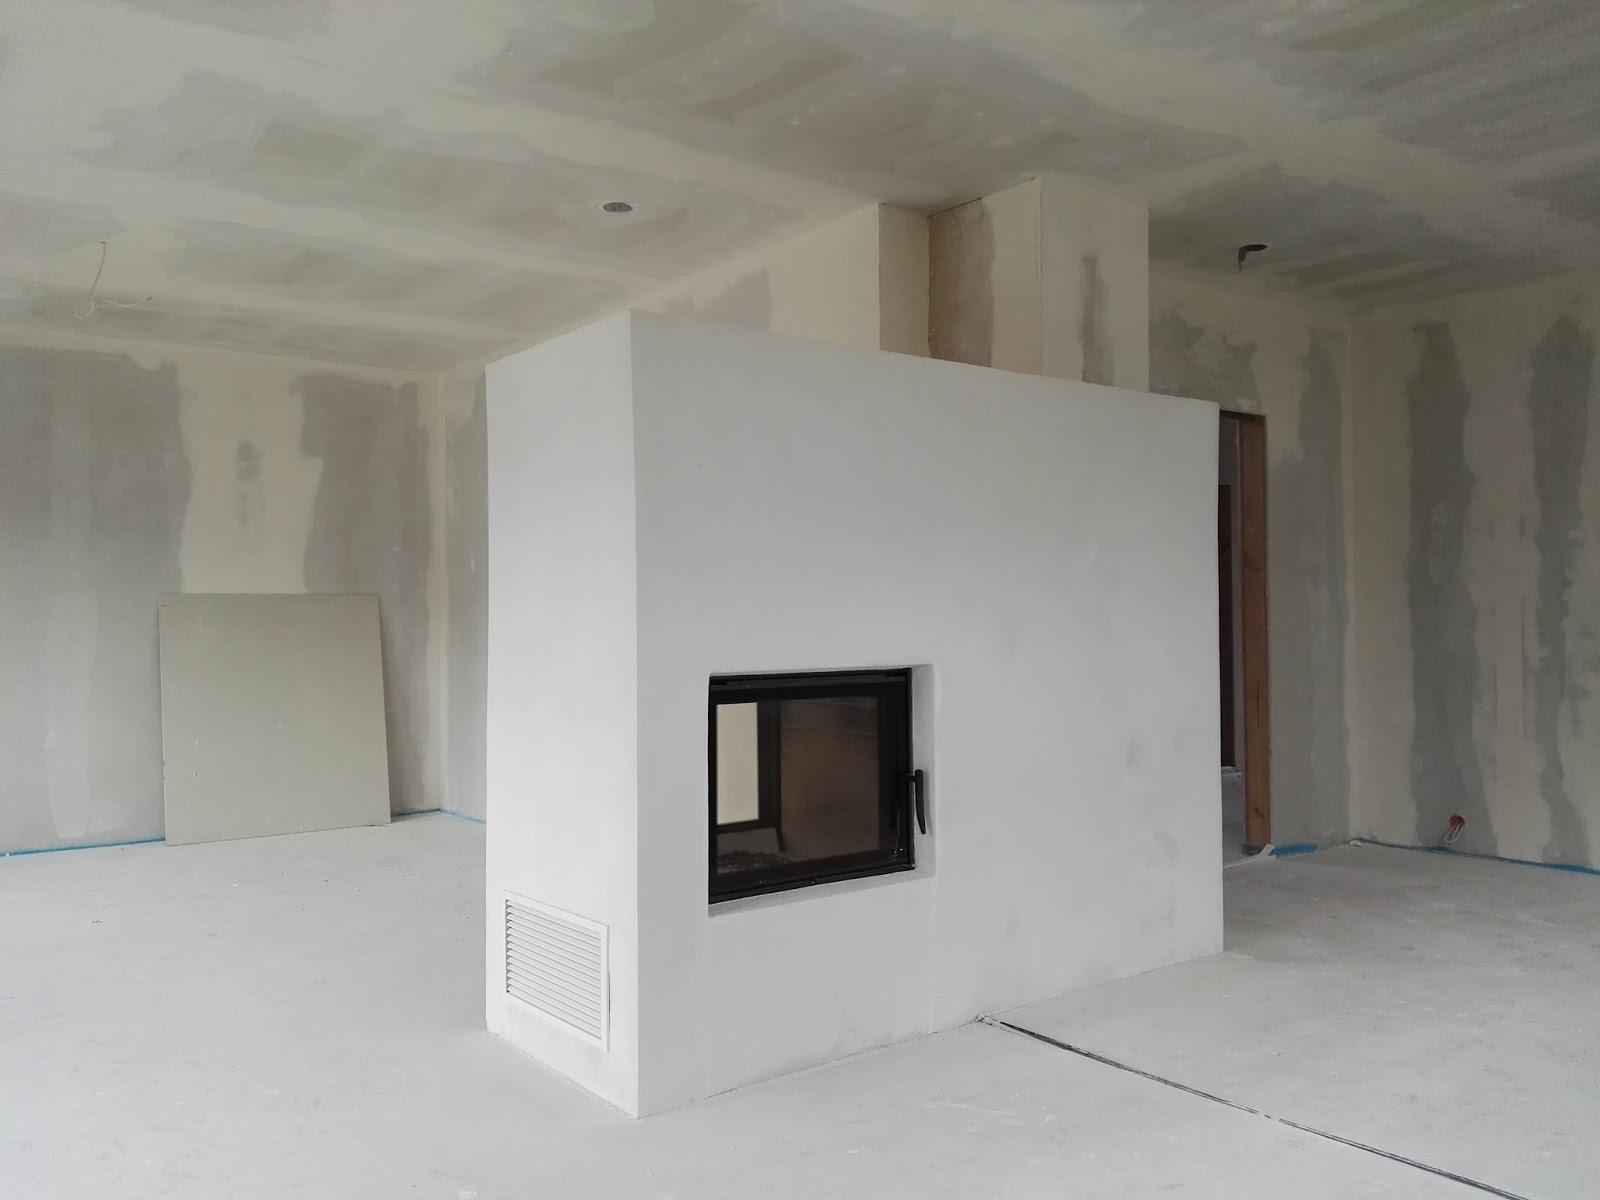 projekt hausbau dezember 2015. Black Bedroom Furniture Sets. Home Design Ideas